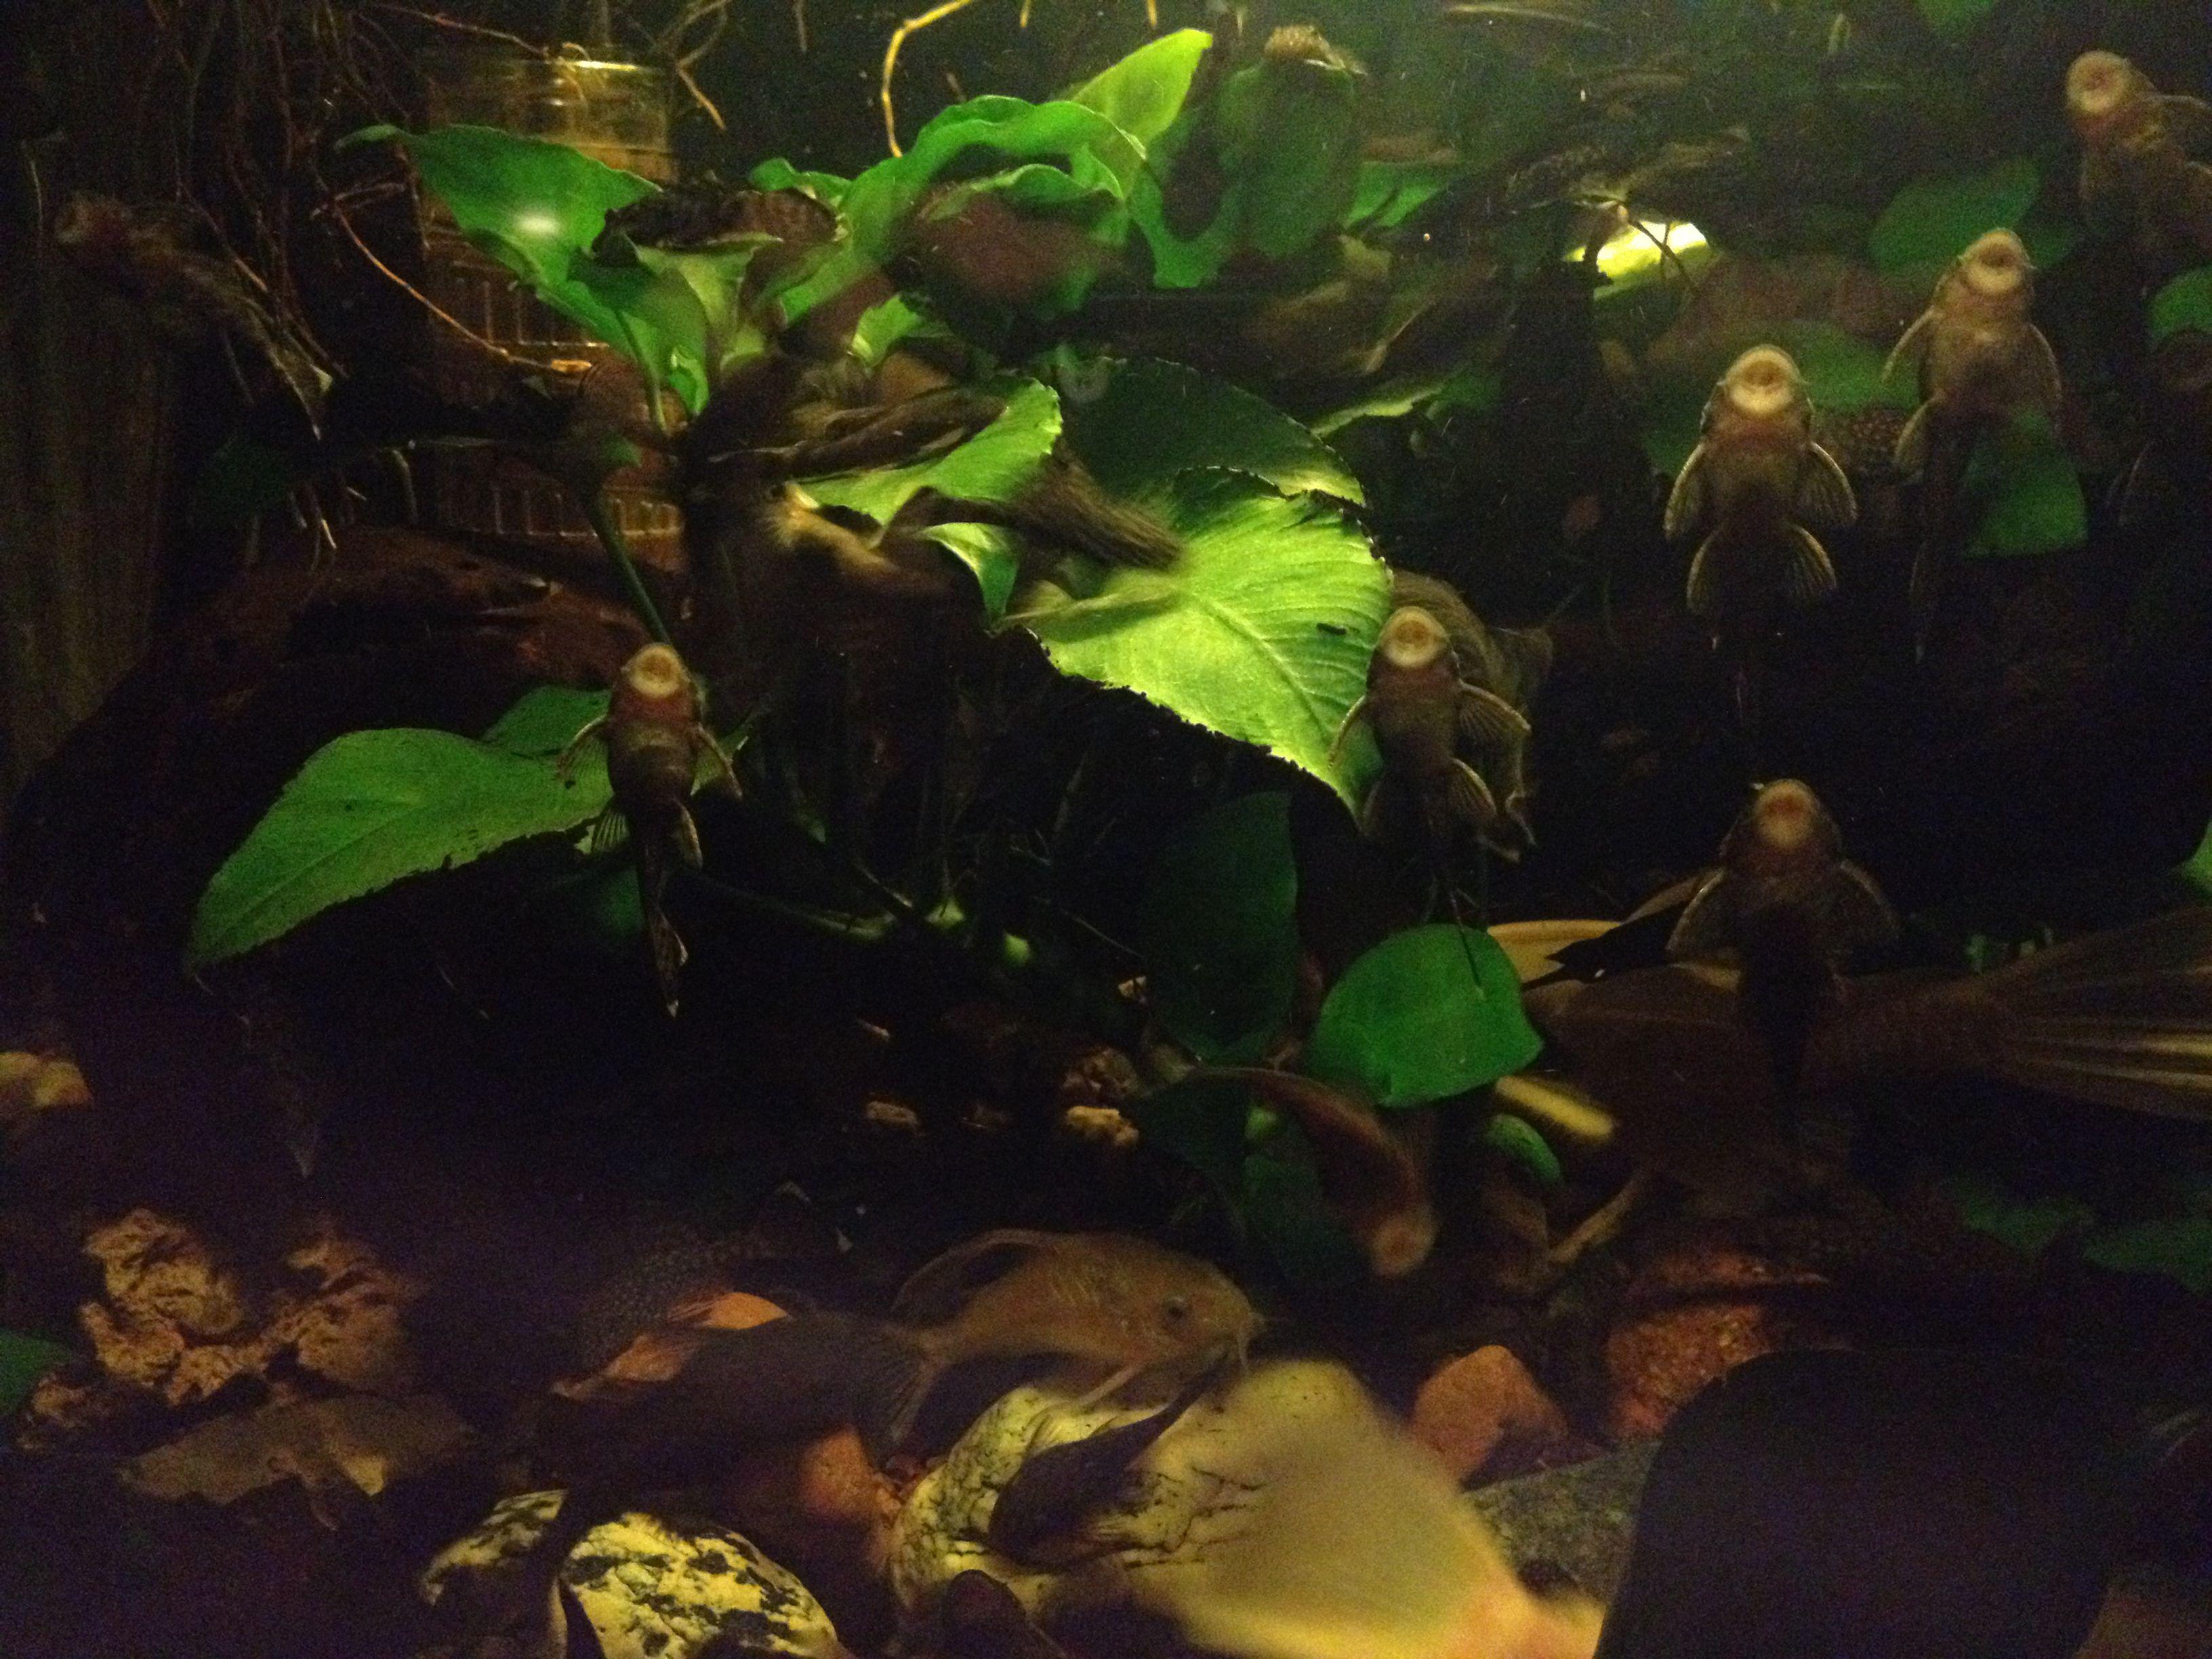 Herbivorous freshwater aquarium fish - Herbivorous Freshwater Aquarium Fish